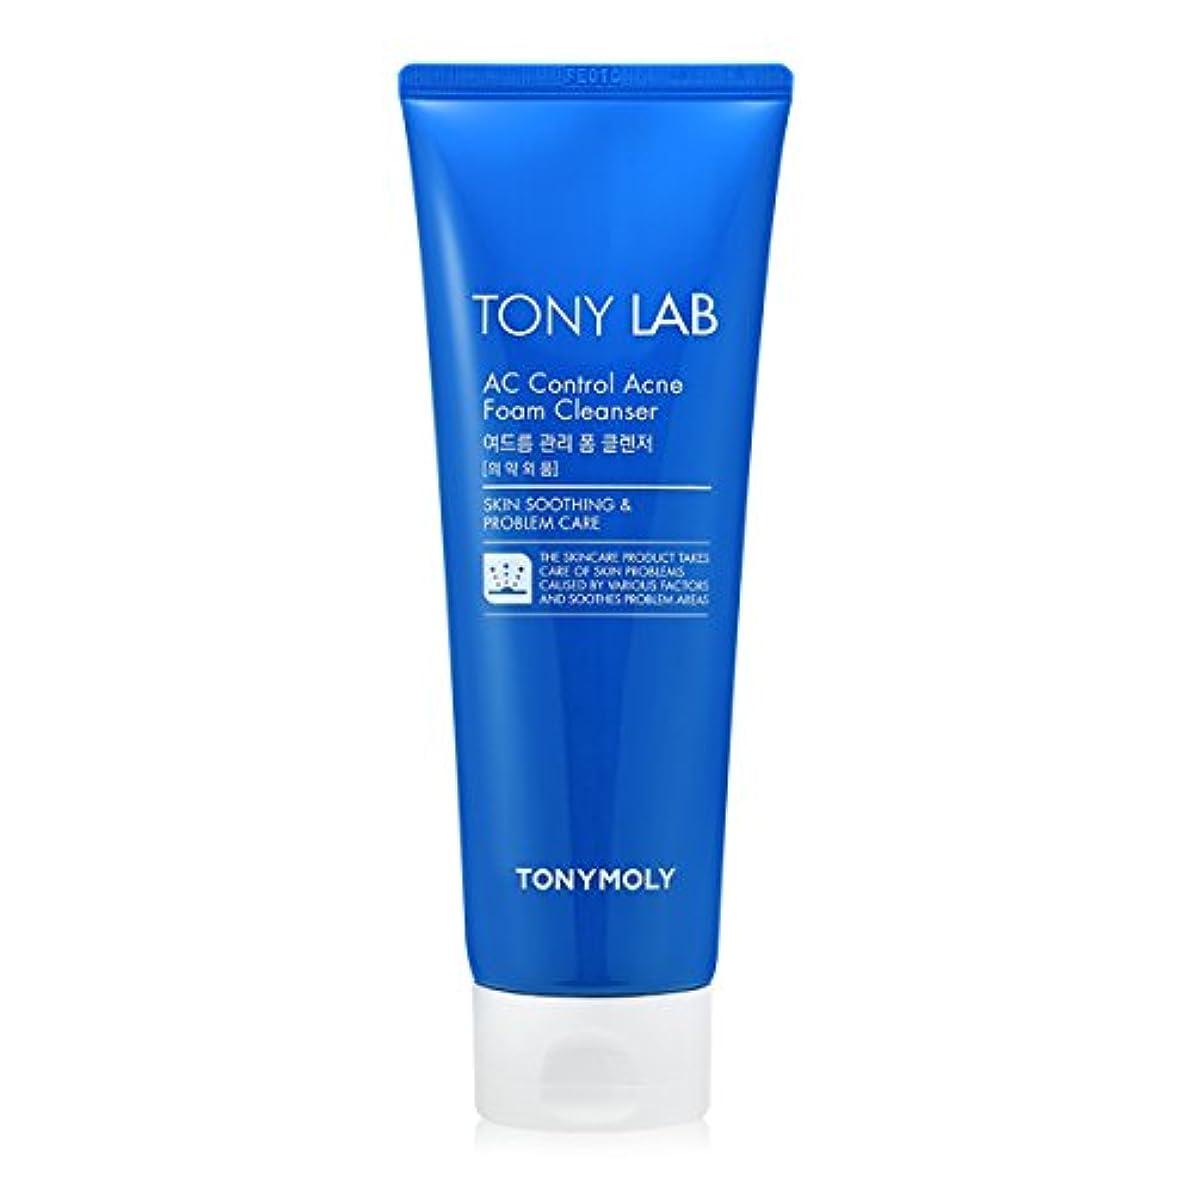 シャツ逆さまにセラー[New] TONYMOLY Tony Lab AC Control Acne Foam Cleanser 150ml/トニーモリー トニー ラボ AC コントロール アクネ フォーム クレンザー 150ml [並行輸入品]